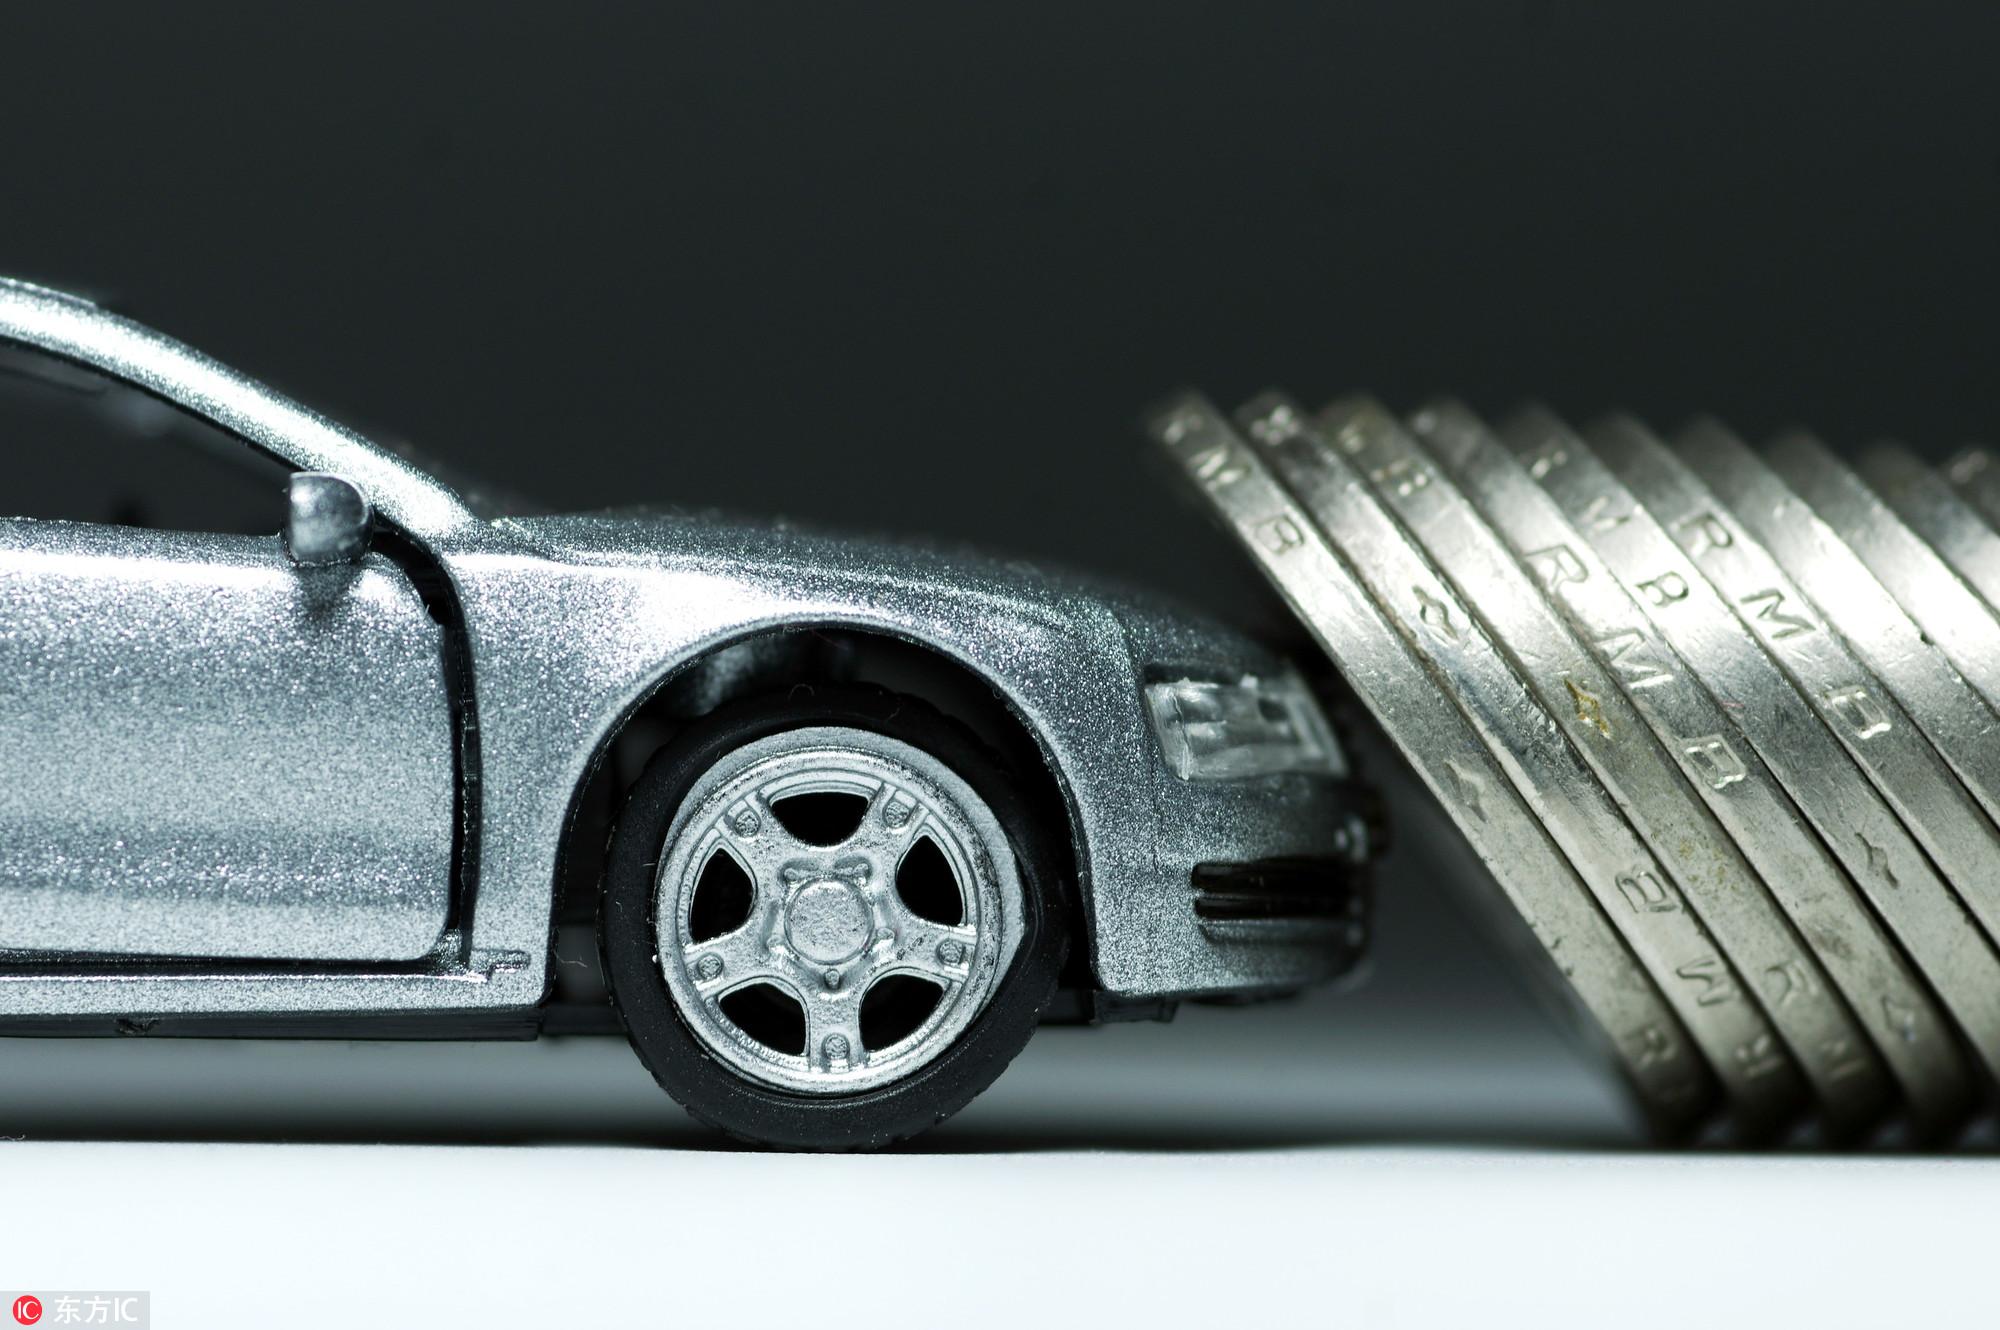 奔驰、宝马齐降价!涵盖全部在售车型,最高降幅6.4万元